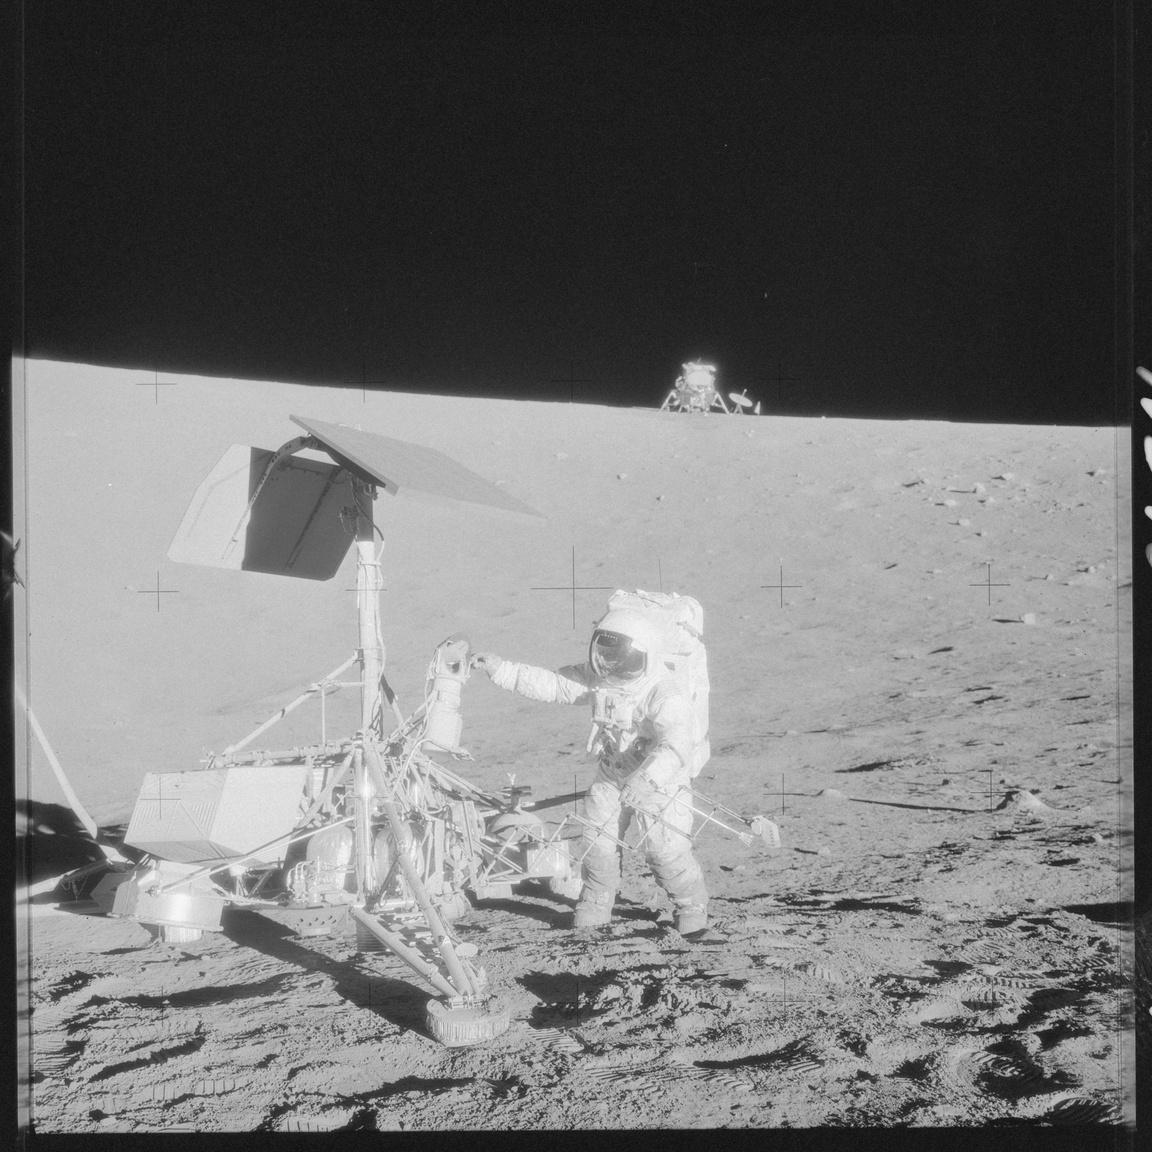 1969. november 20. Az Apollo-12 holdkompja, az Intrepid pár száz méterre landolt a Surveyor-3 holdszondától, ami 1967. április 17-én szállt le a Holdon. A képen Alan Bean látható, amint a holdszonda TV-kameráját ellenőrzi. A Surveyor-3 kameráját és más darabjait is leszerelték és visszahozták a Földre az Apollo-12 űrhajósai.